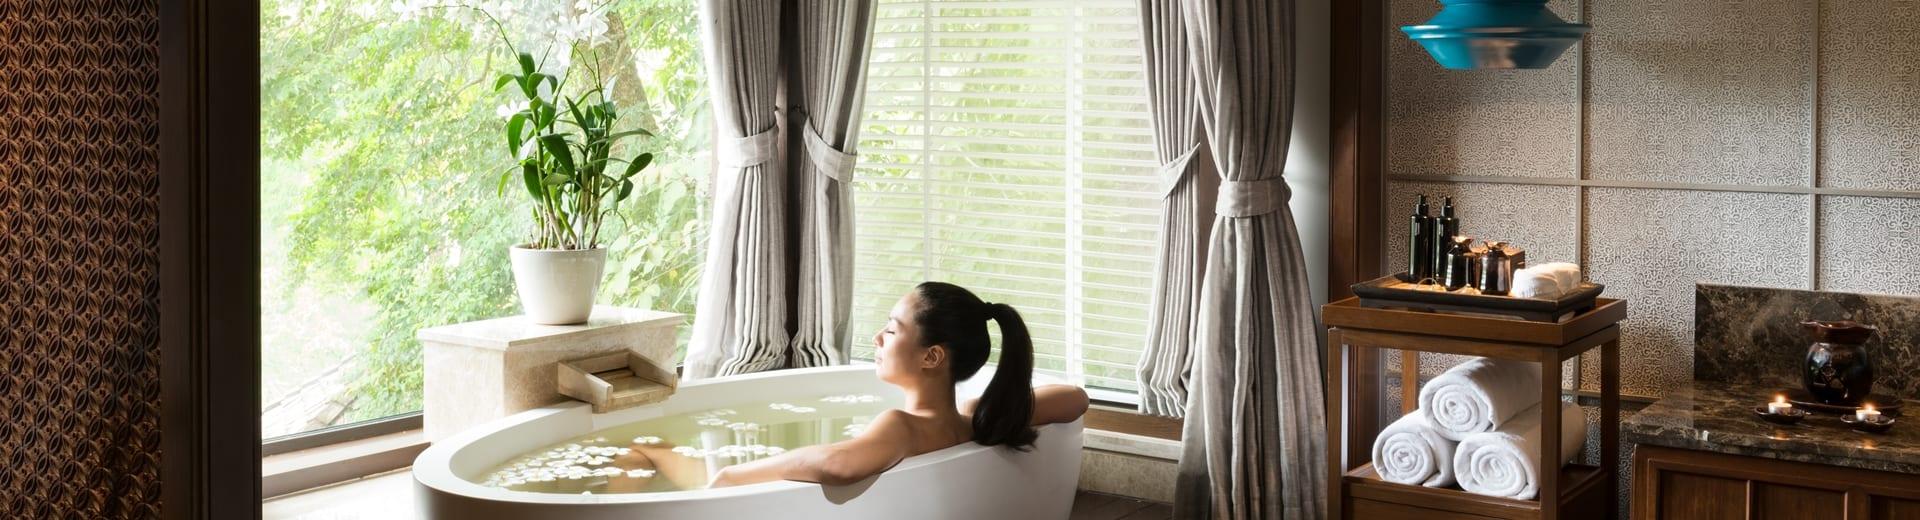 Luxury Hotels Phuket | Anantara Layan Phuket Resort Official